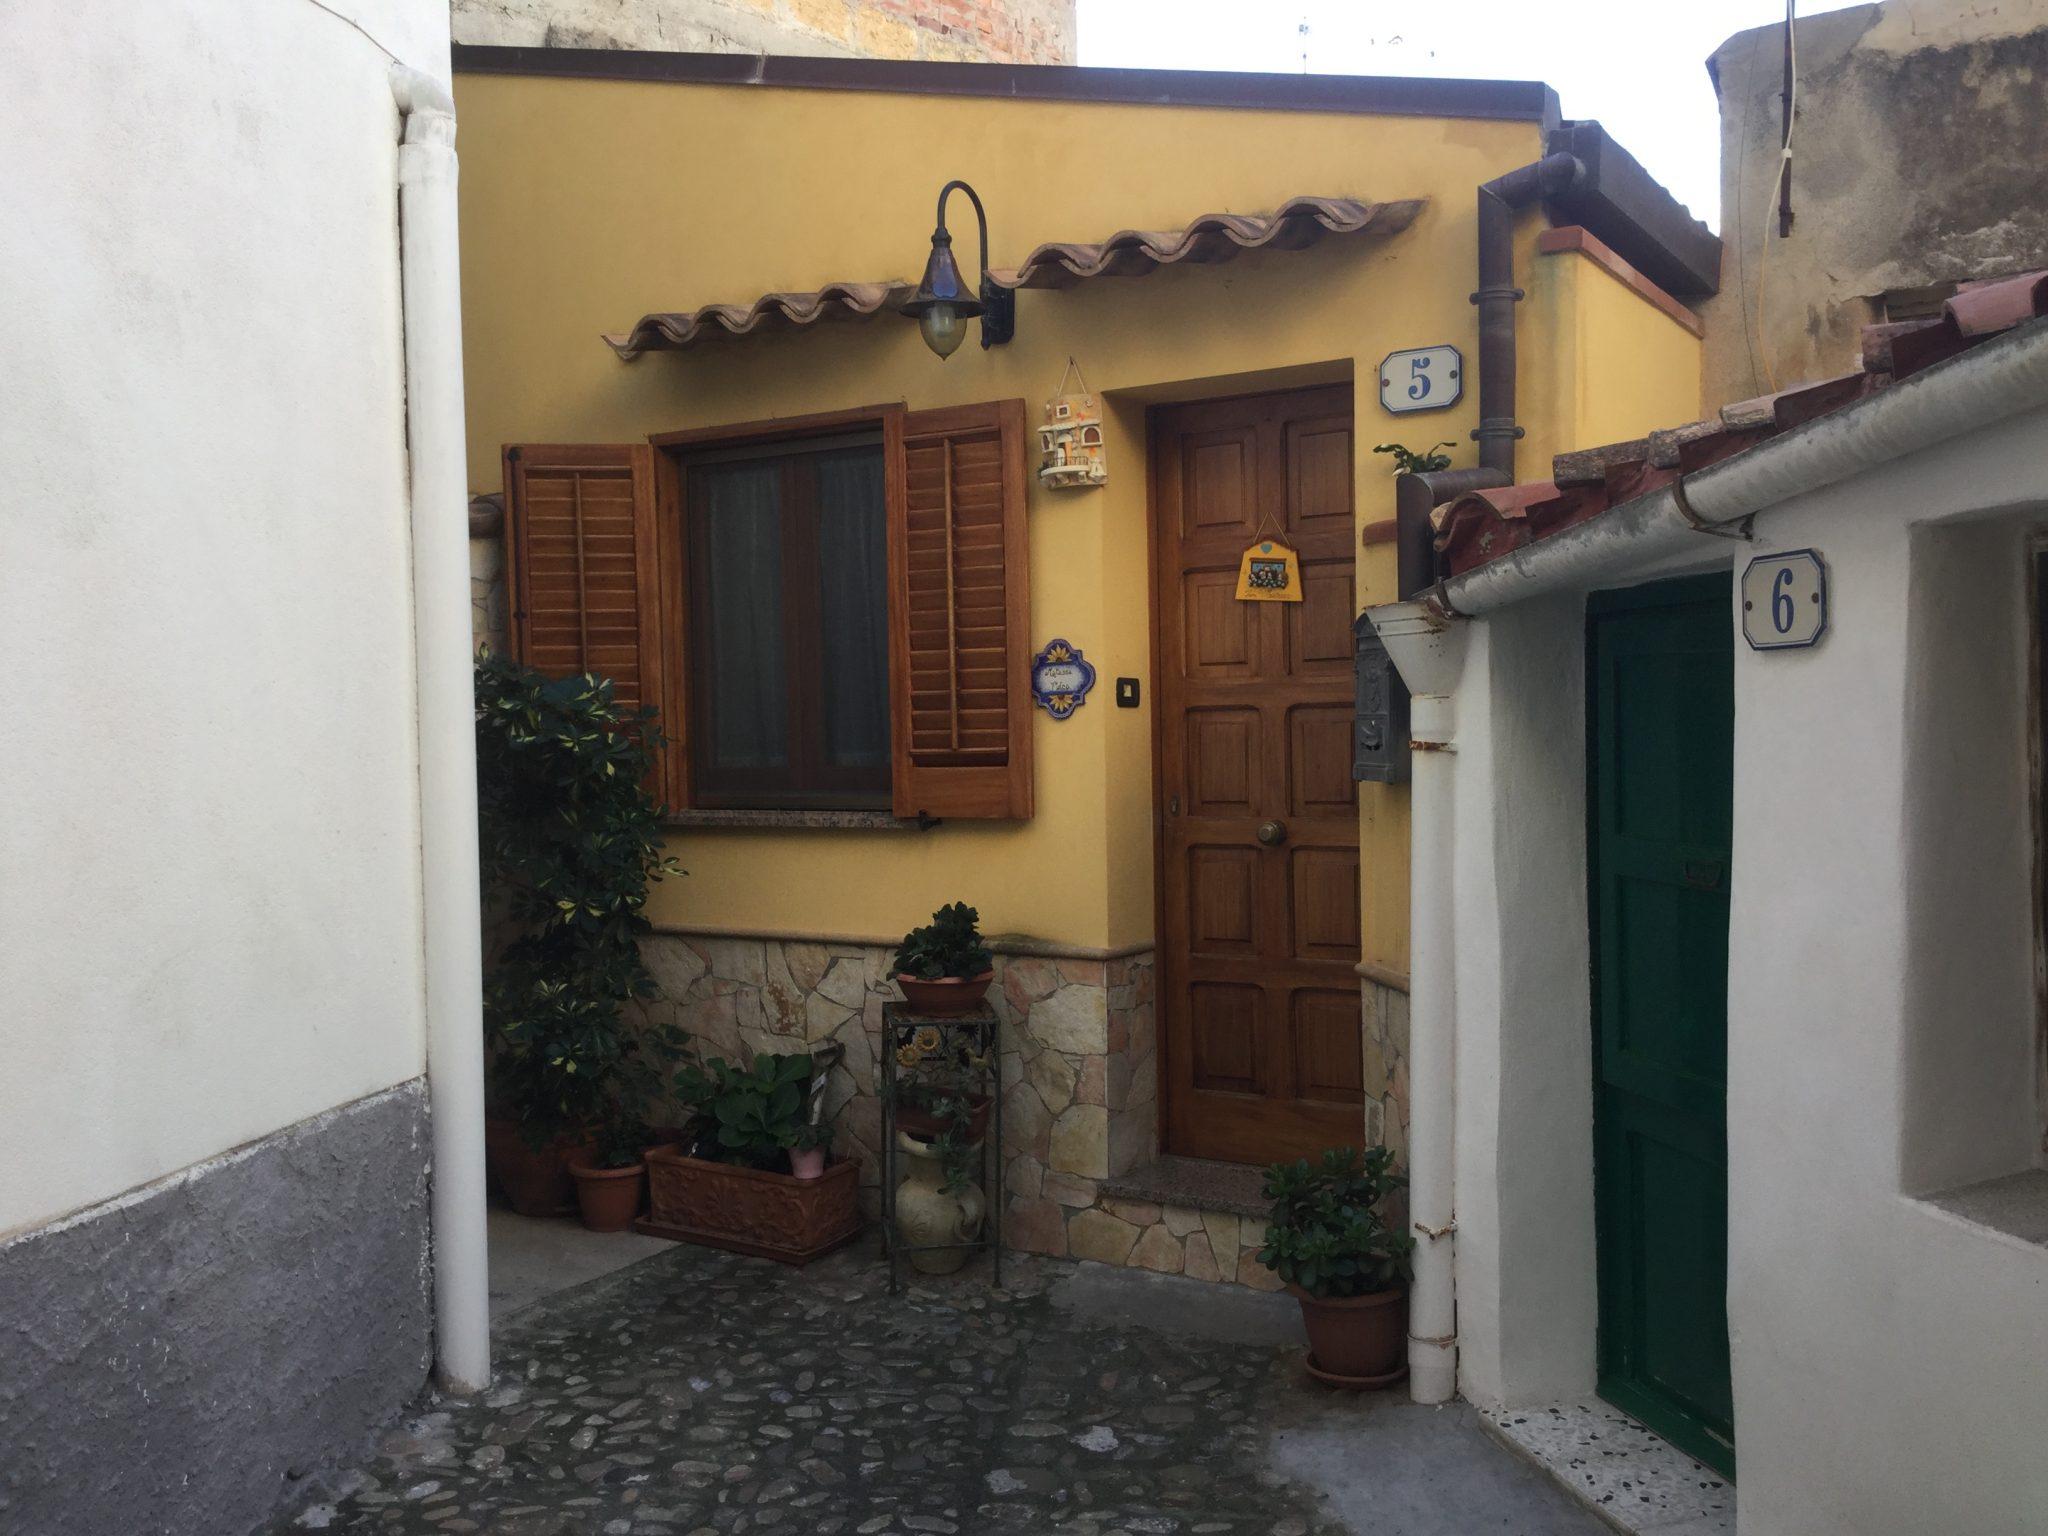 075 -  Casa indipendente, Cortile del Bastione, 5 - Cefalù.